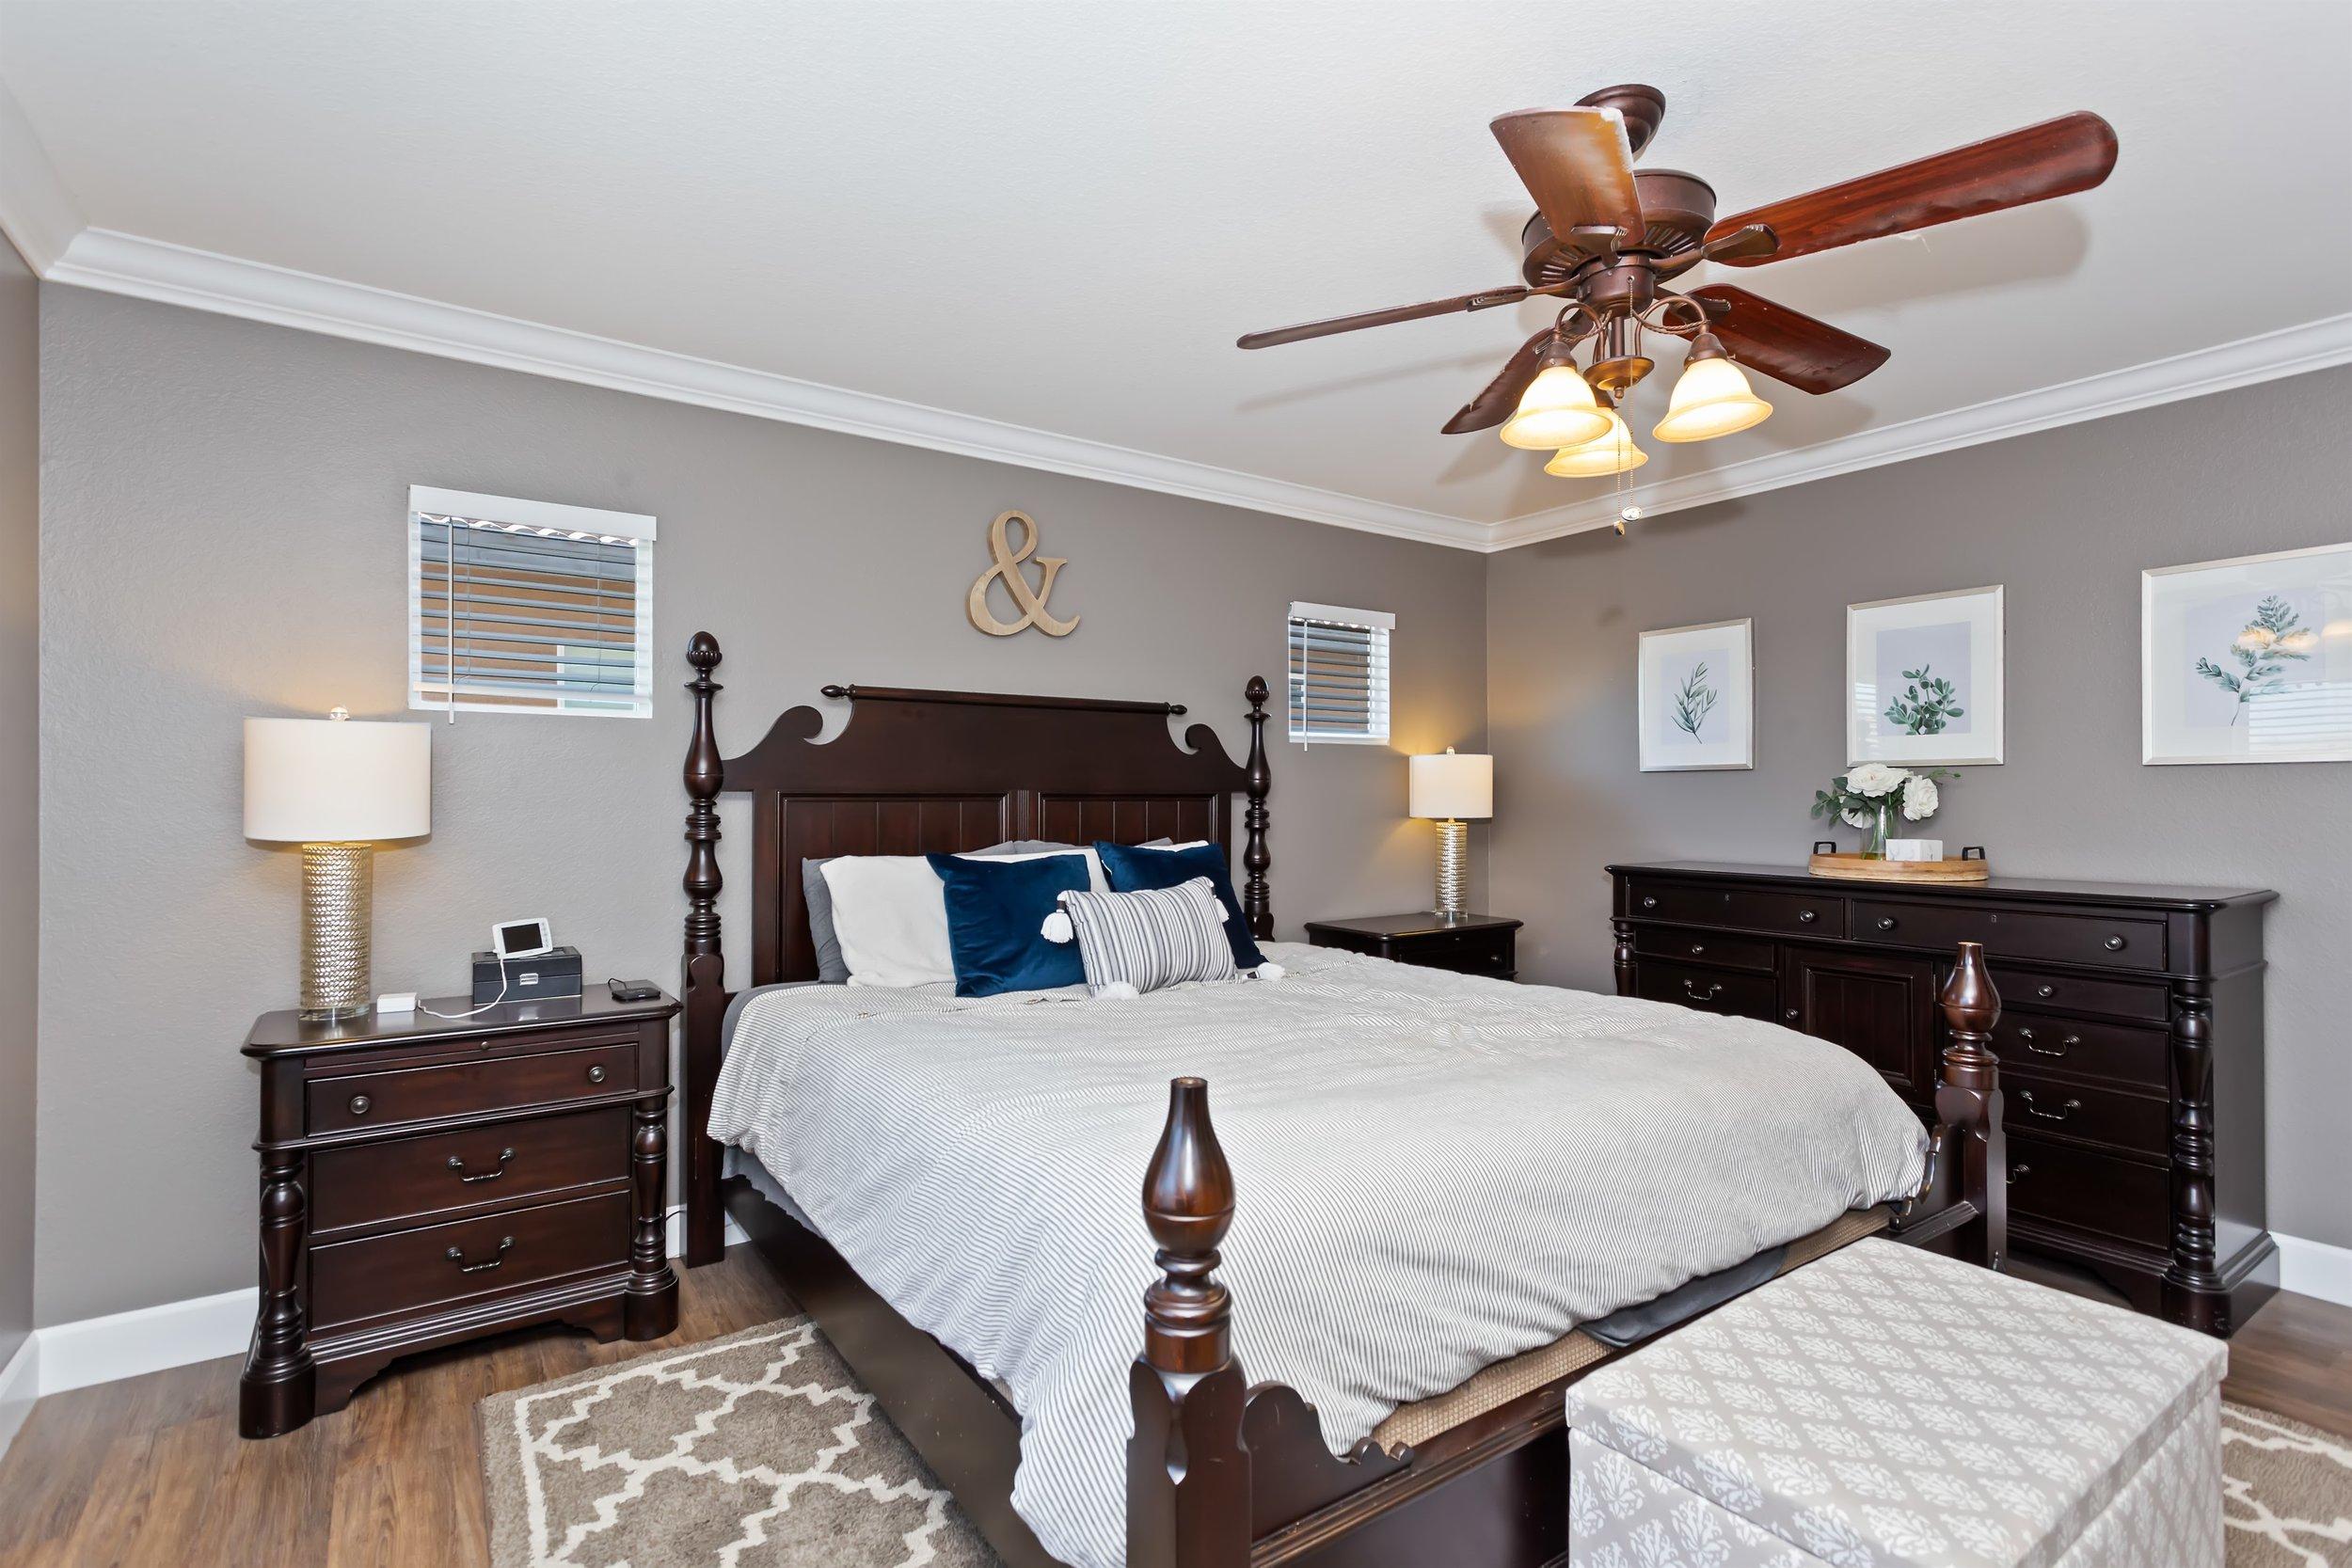 026_Master Bedroom.jpg